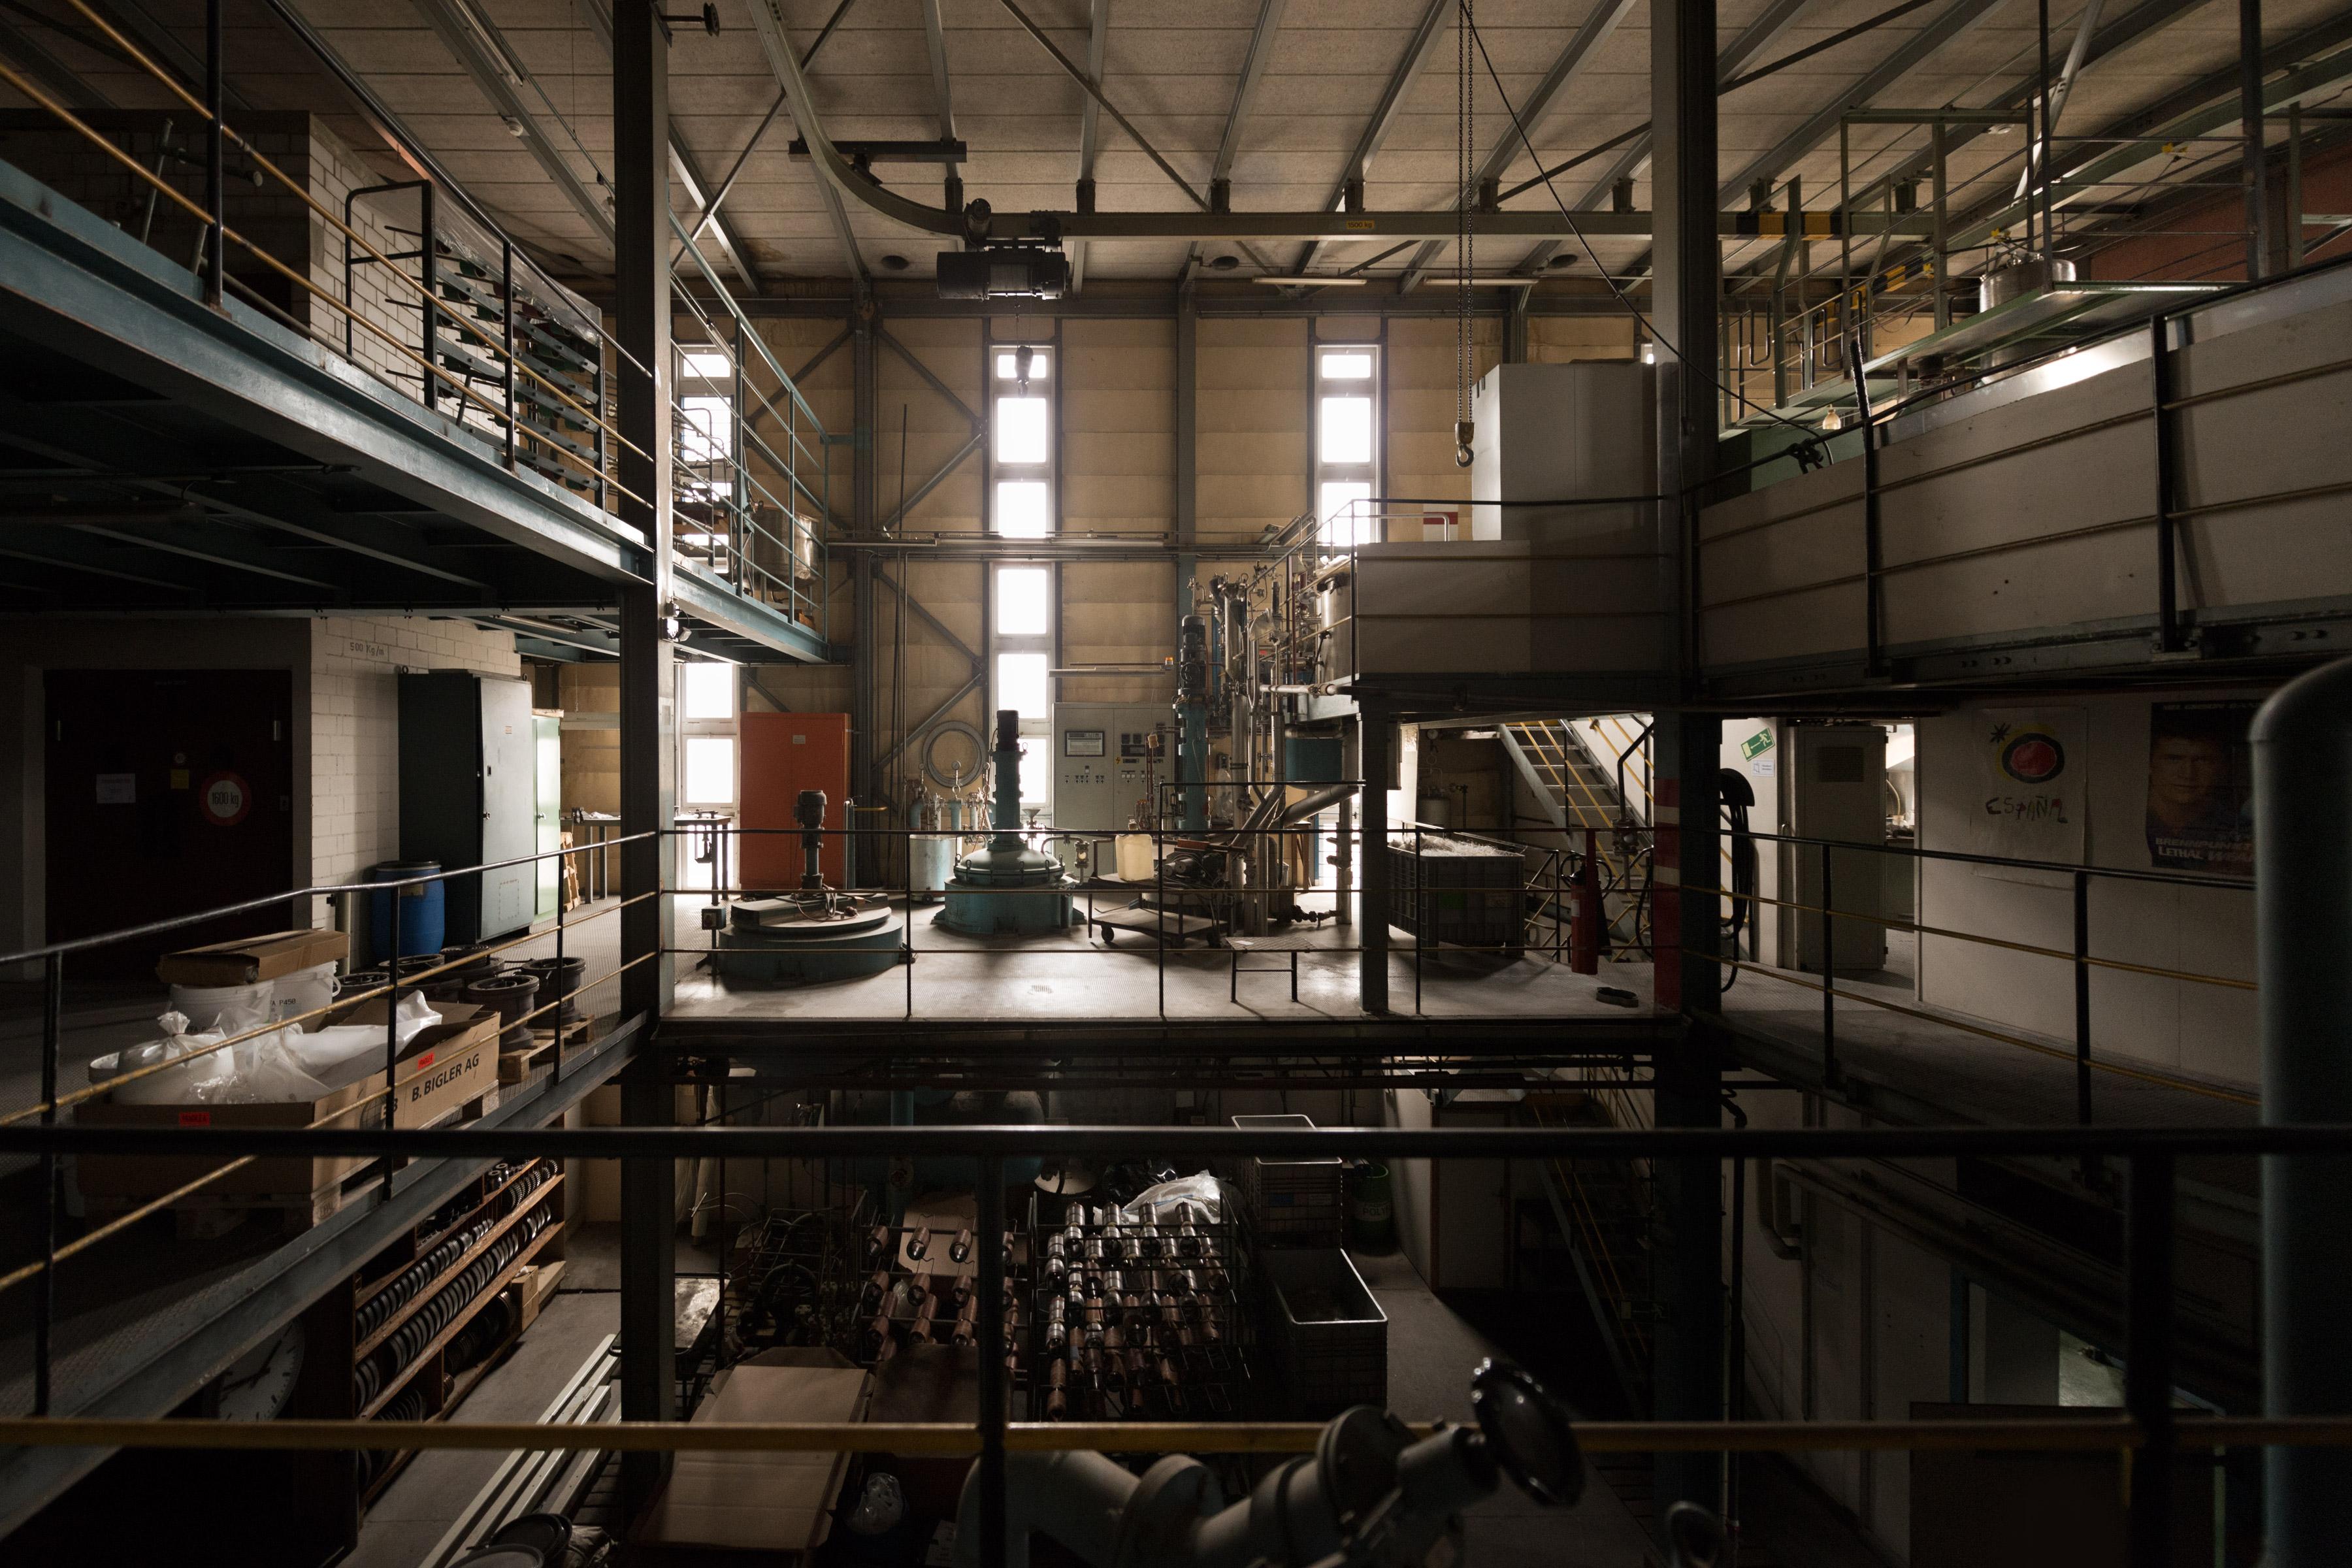 Photo about industrial architecture at Monosuisse in Emmenbrücke Luzern